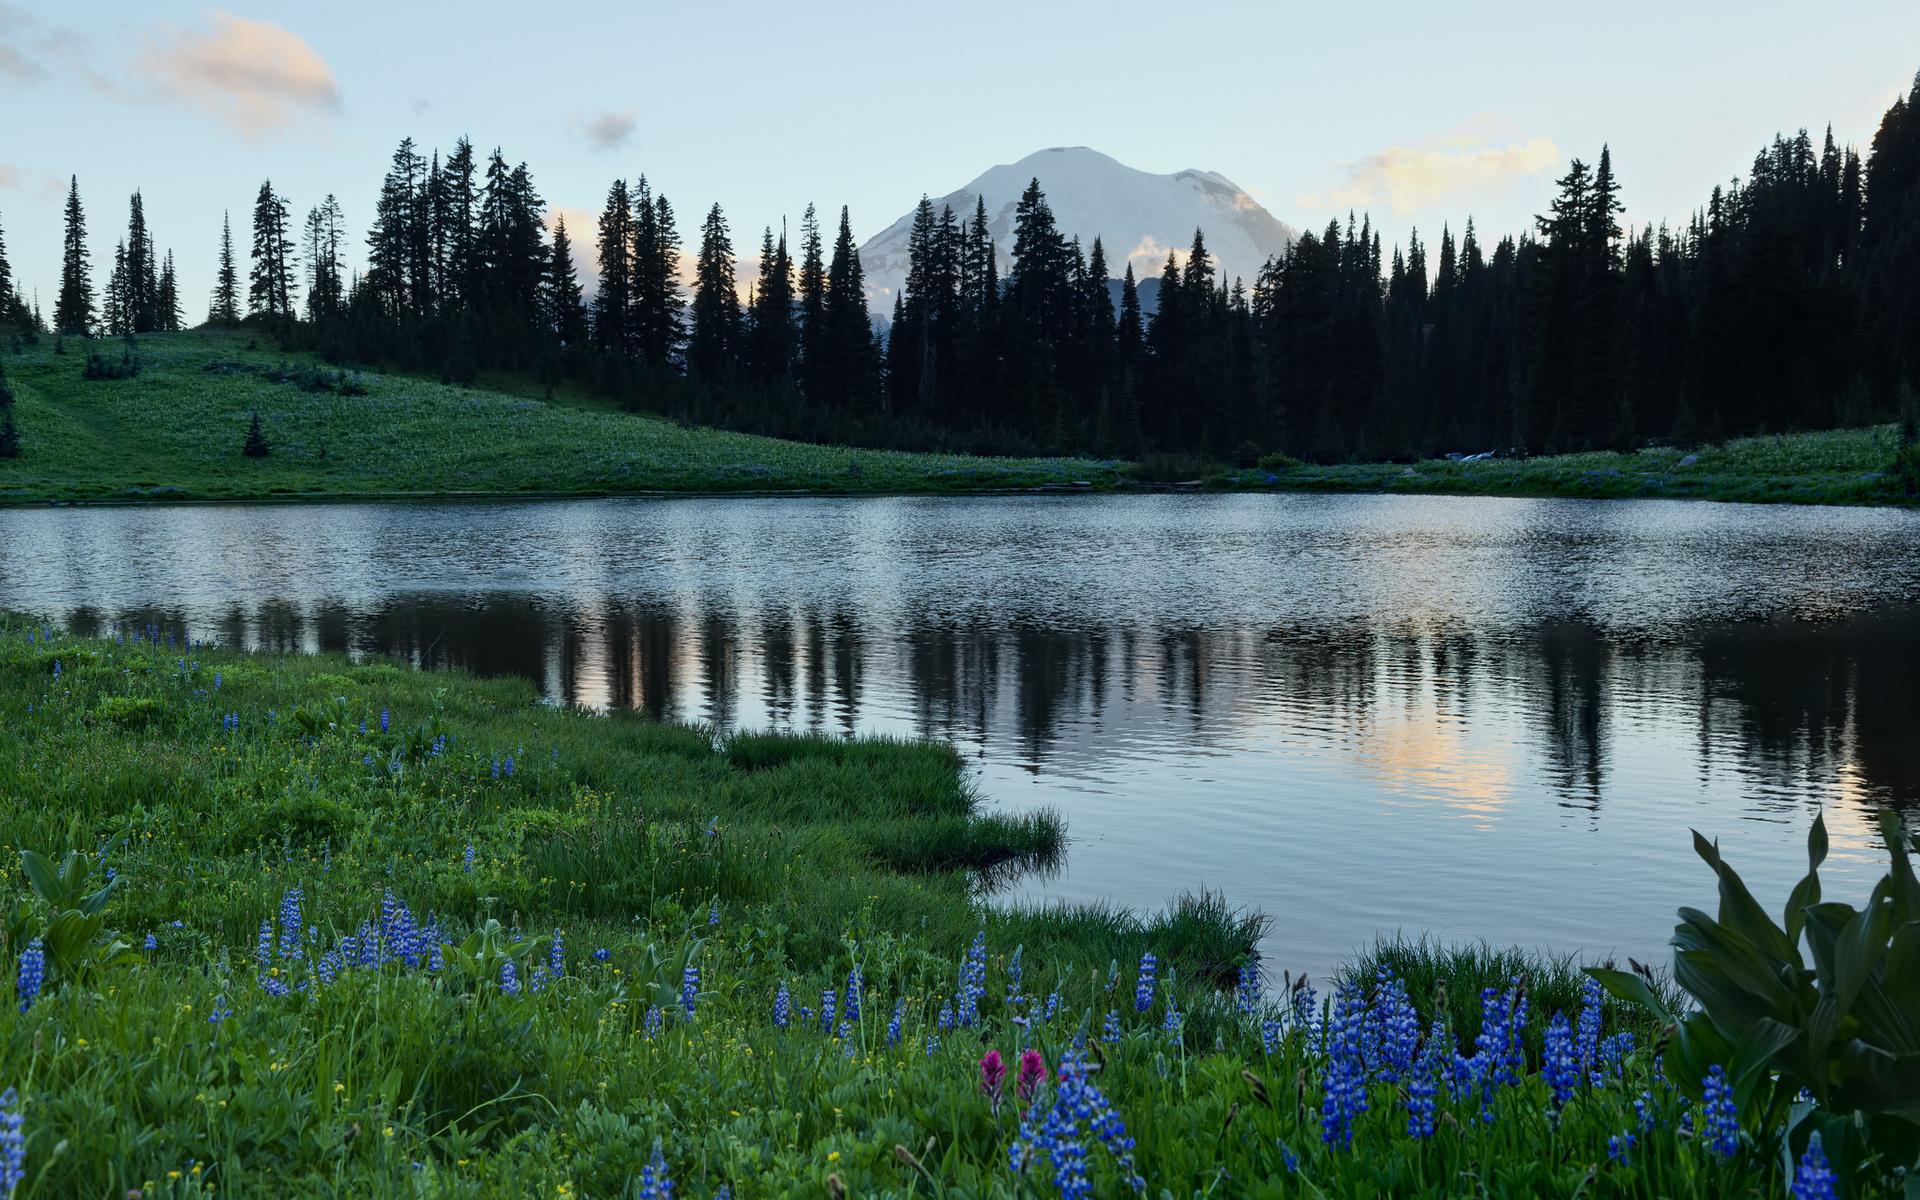 картинка озера с поляной скамейка-диван была